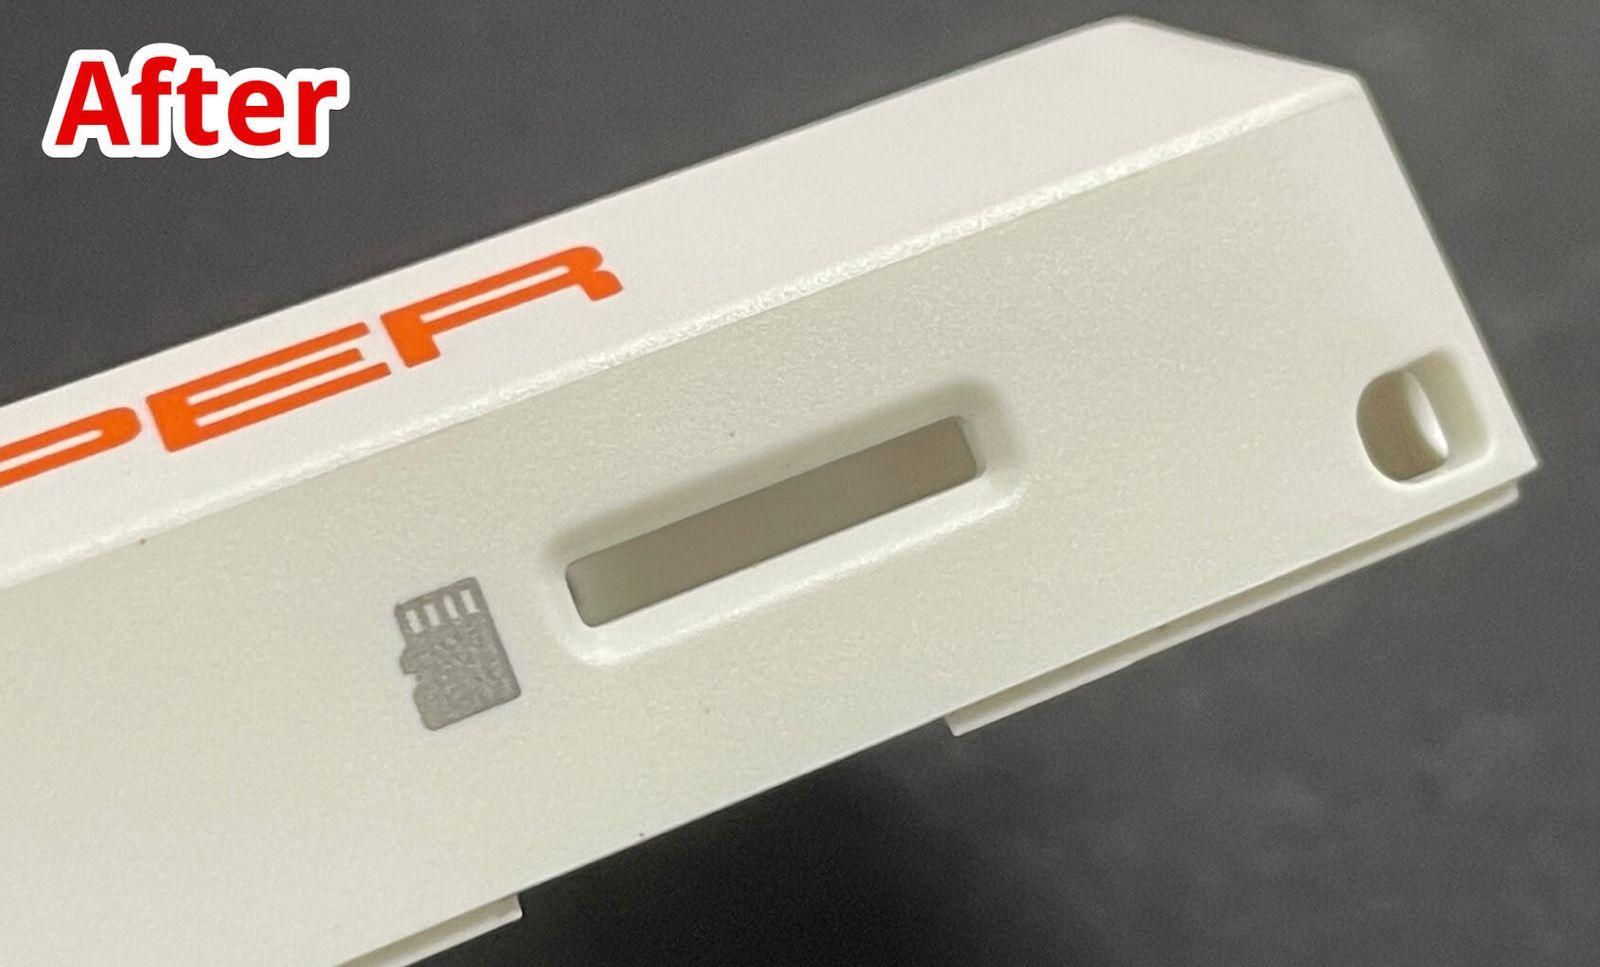 Сейчас поверхность возле SD-card выглядит ровной